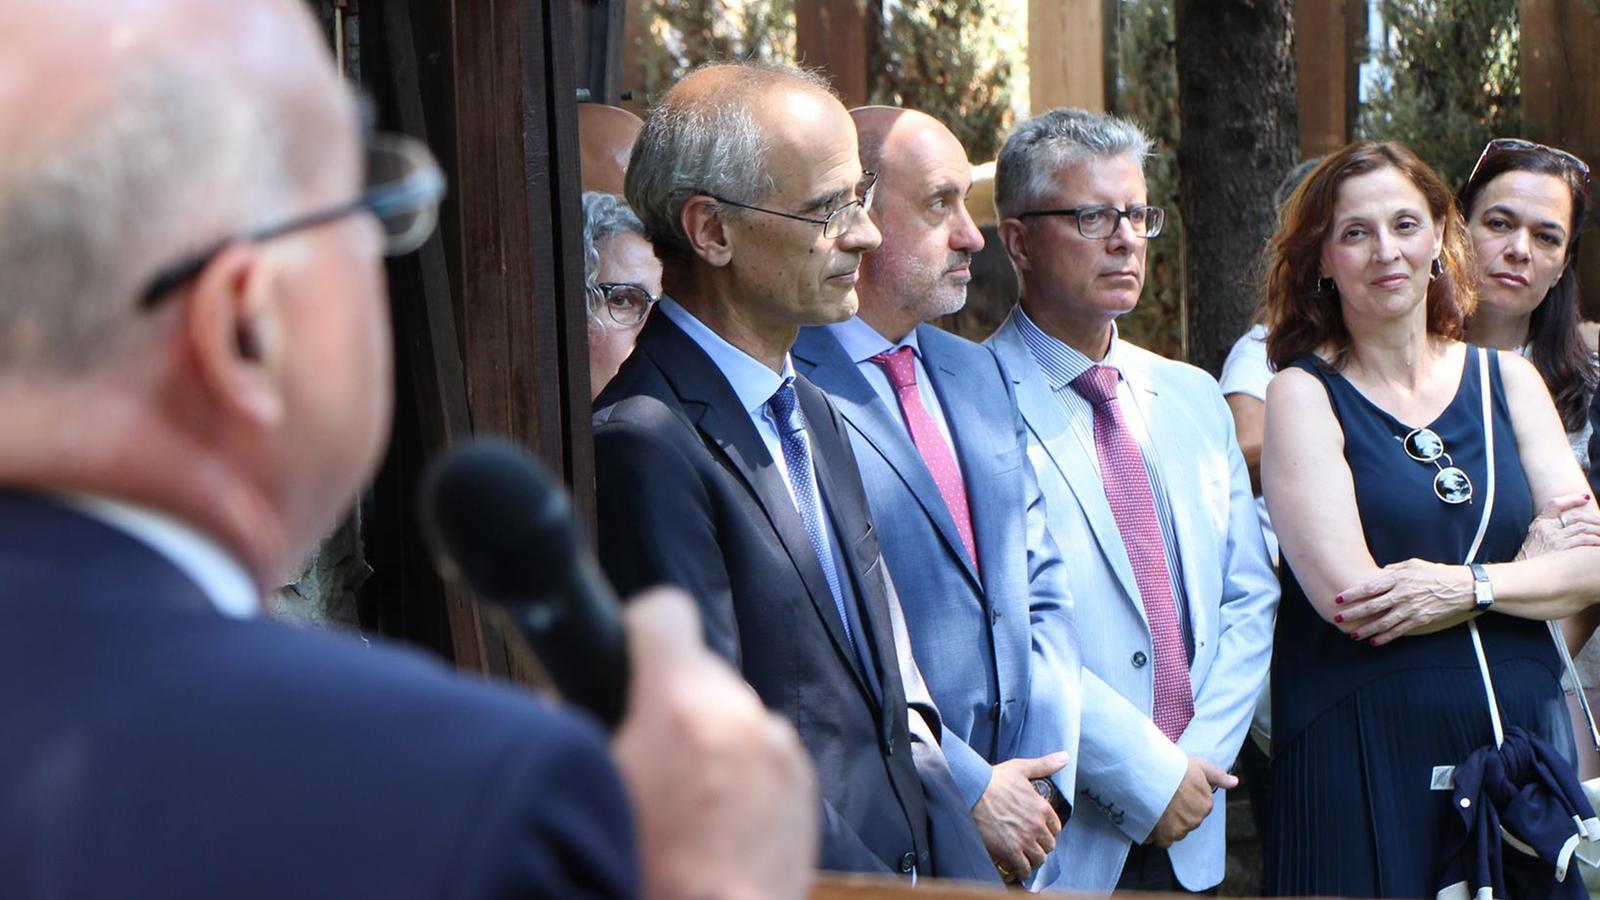 El cap de Govern, Toni Martí, a l'acte per acomiadar a fins ara ambaixador espanyol, Manuel Montobbio. / M.M. (ANA)